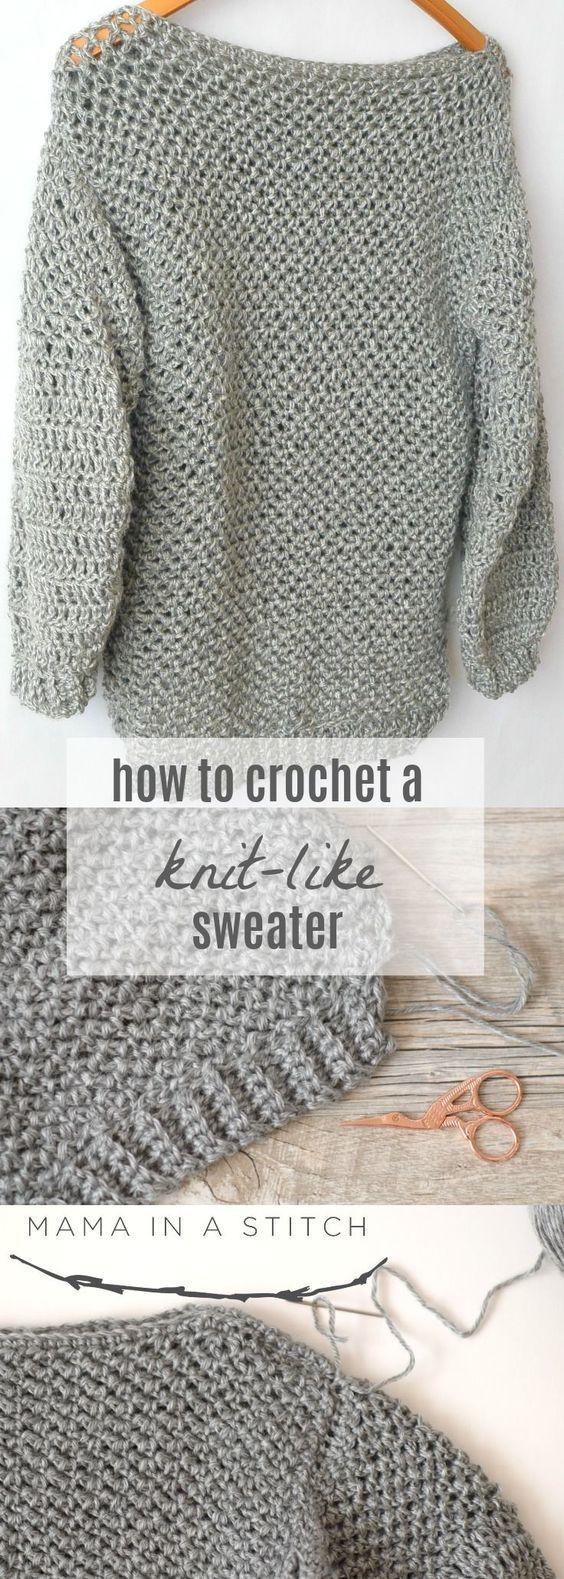 402 besten crochet Bilder auf Pinterest | Häkelideen, Häkeln und ...